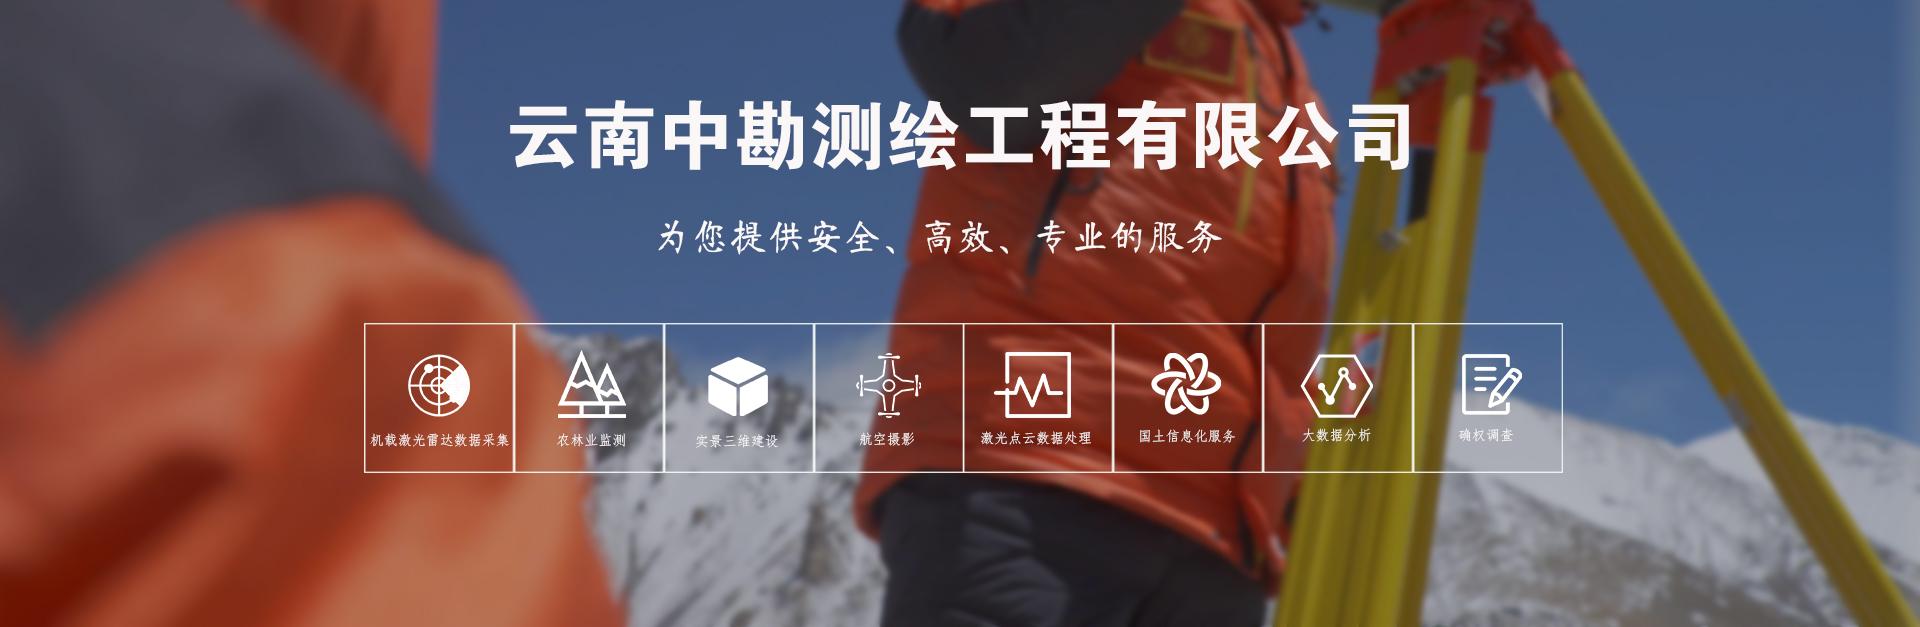 揭秘云南测绘公司主要是为什么服务?